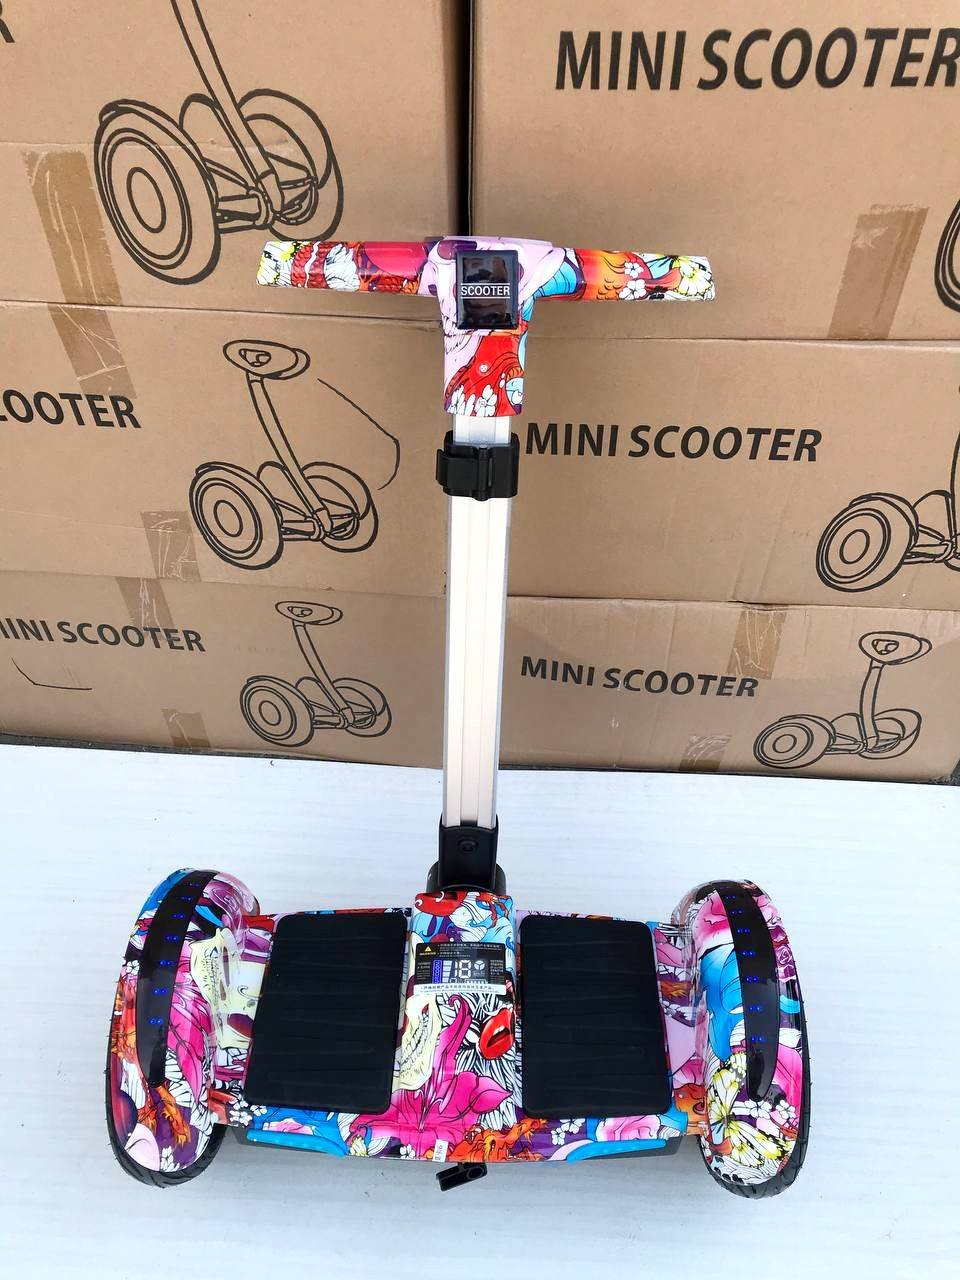 МИНИ СИГВЕЙ (гироскутер, гироборд) с РУЧКОЙ Smart Balance Wheel Розовый А8 10,5